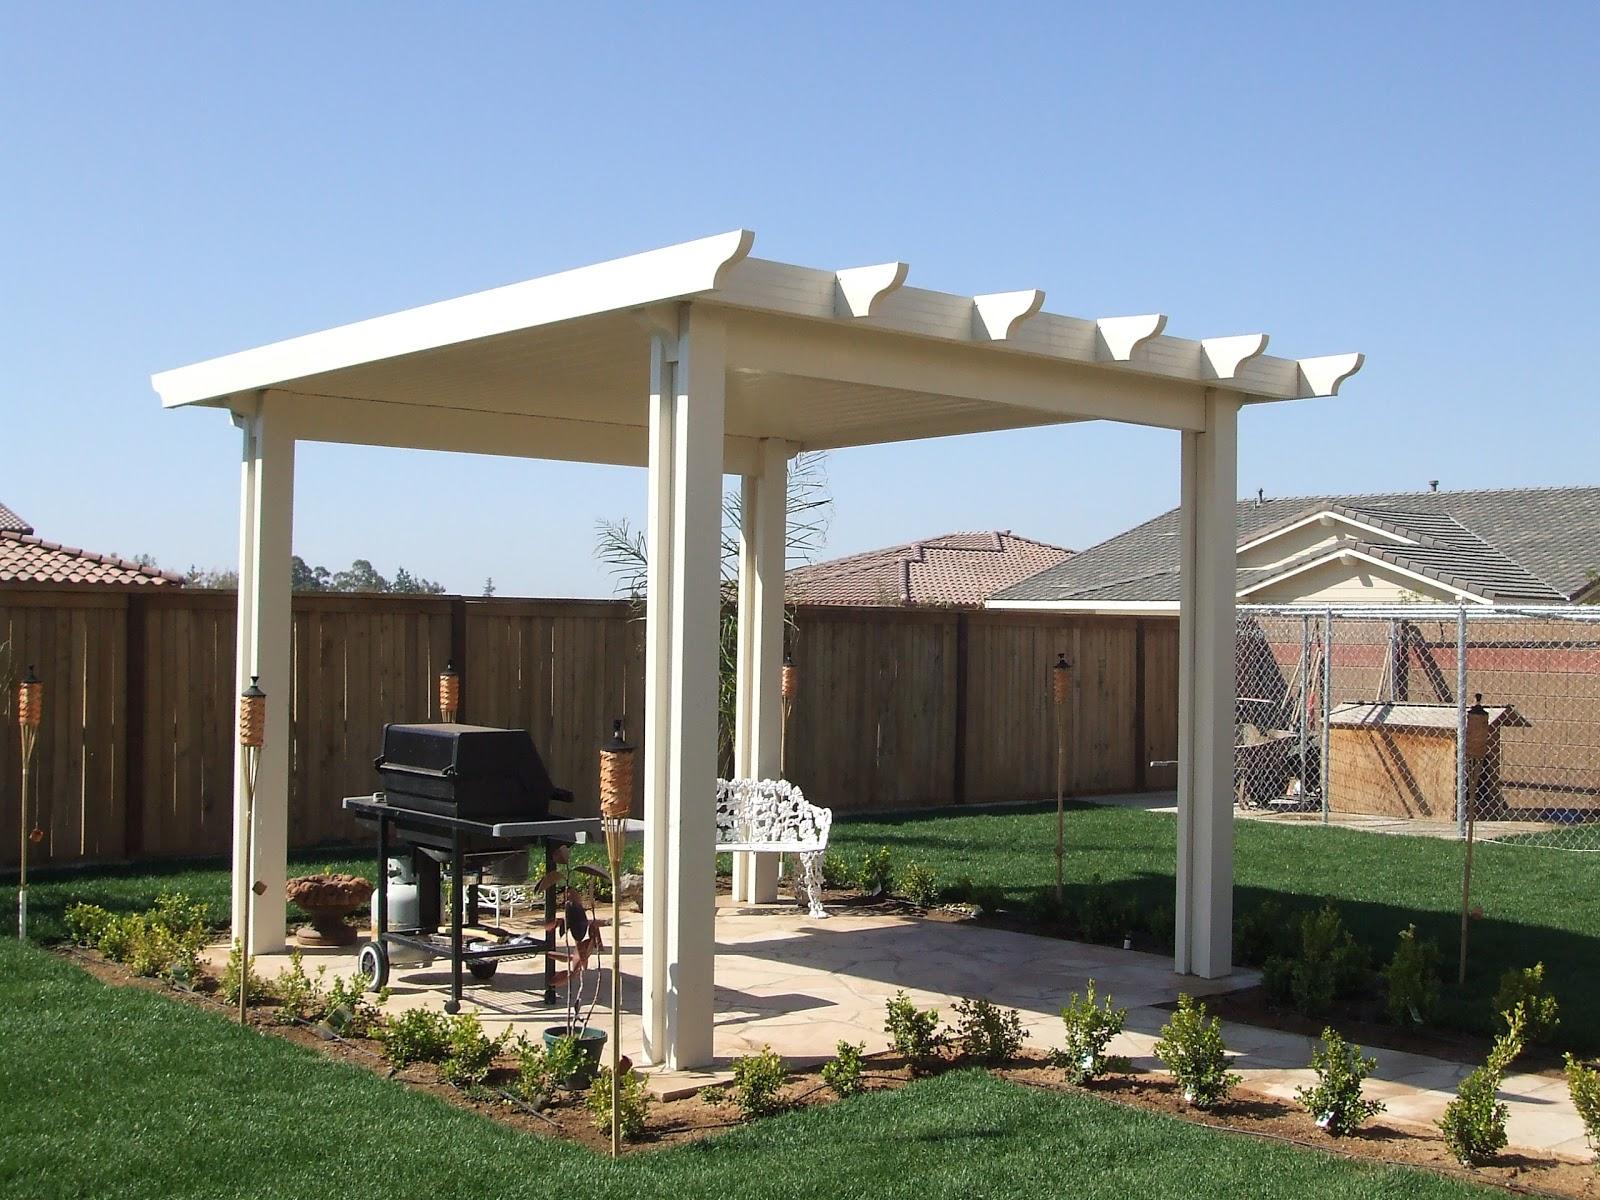 west coast siding alumawood patio covers: west coast ...